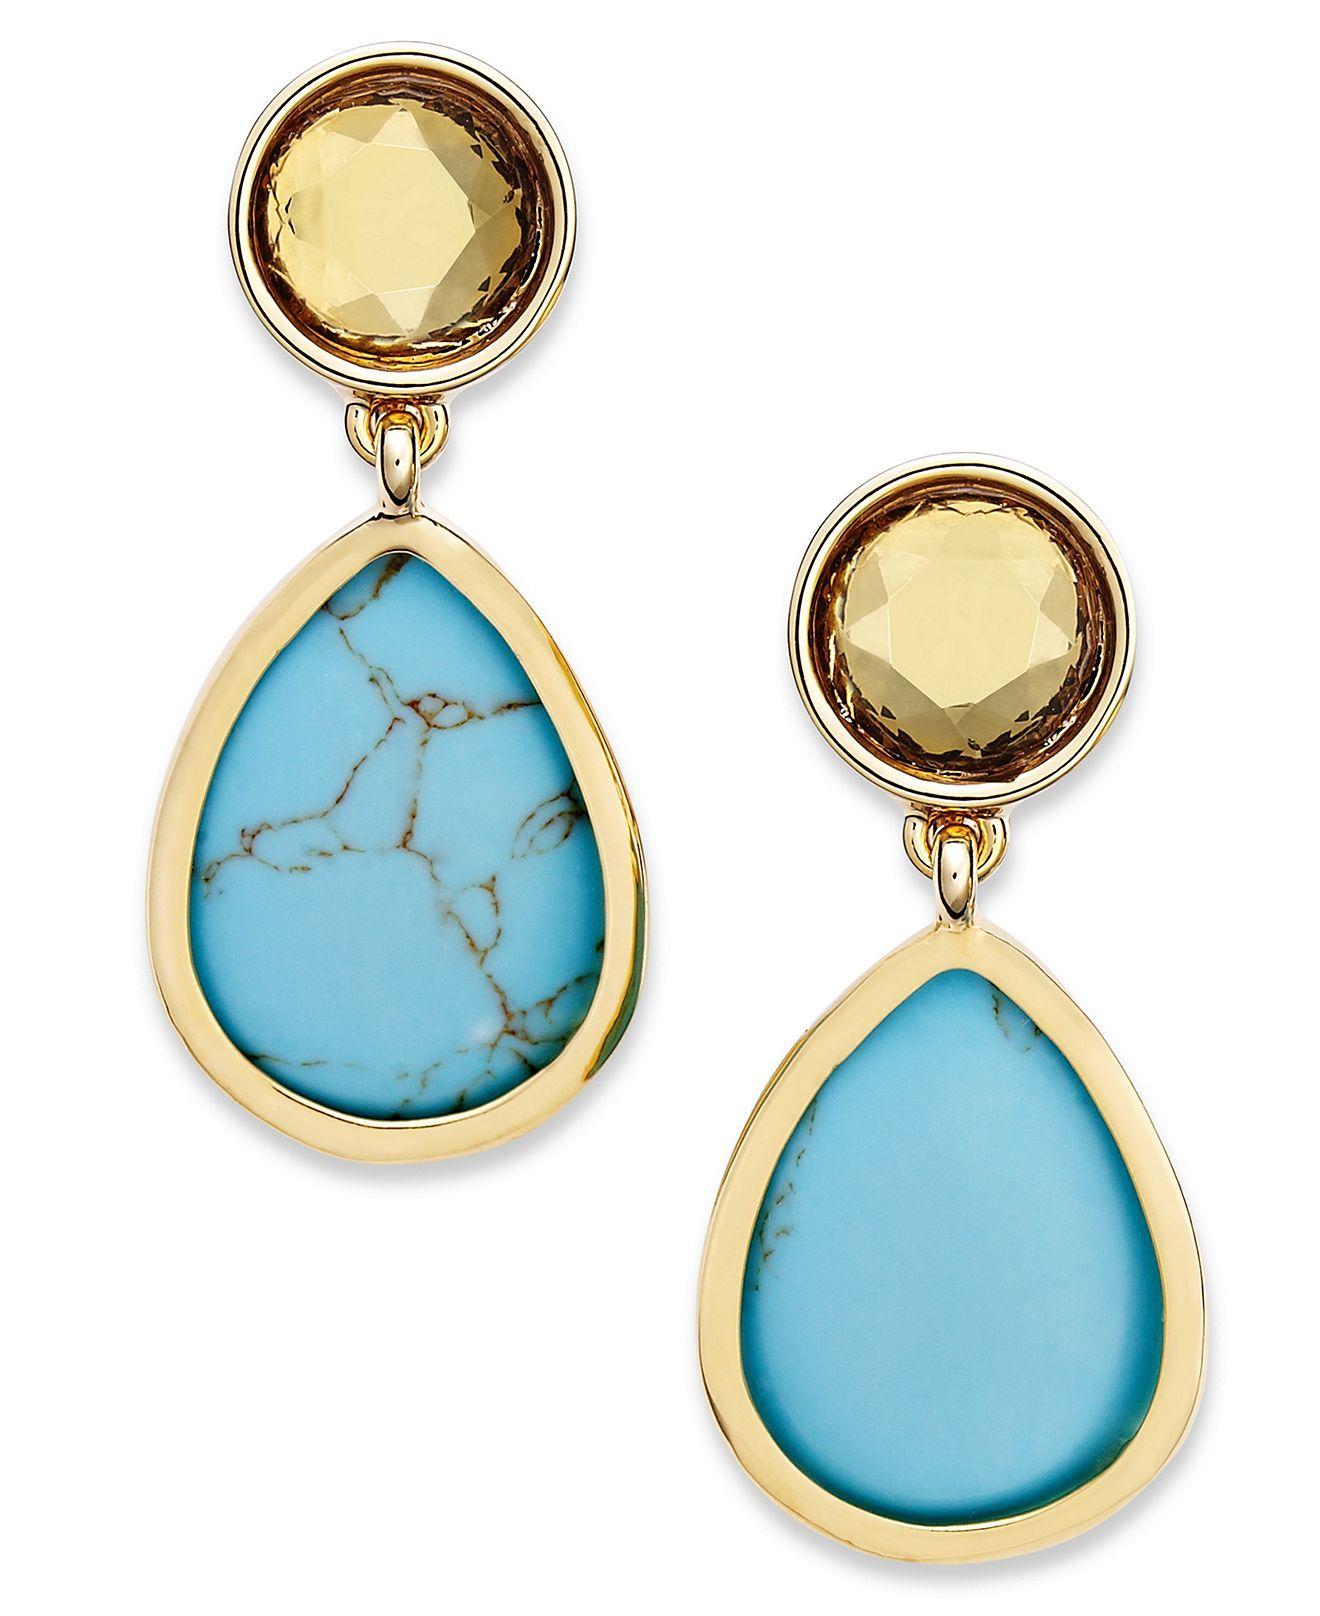 Lauren Ralph Earrings 14k Gold Plated Teardrop Double Drop Clip On Fashion Jewelry Watches Macy S Large Lobe 36